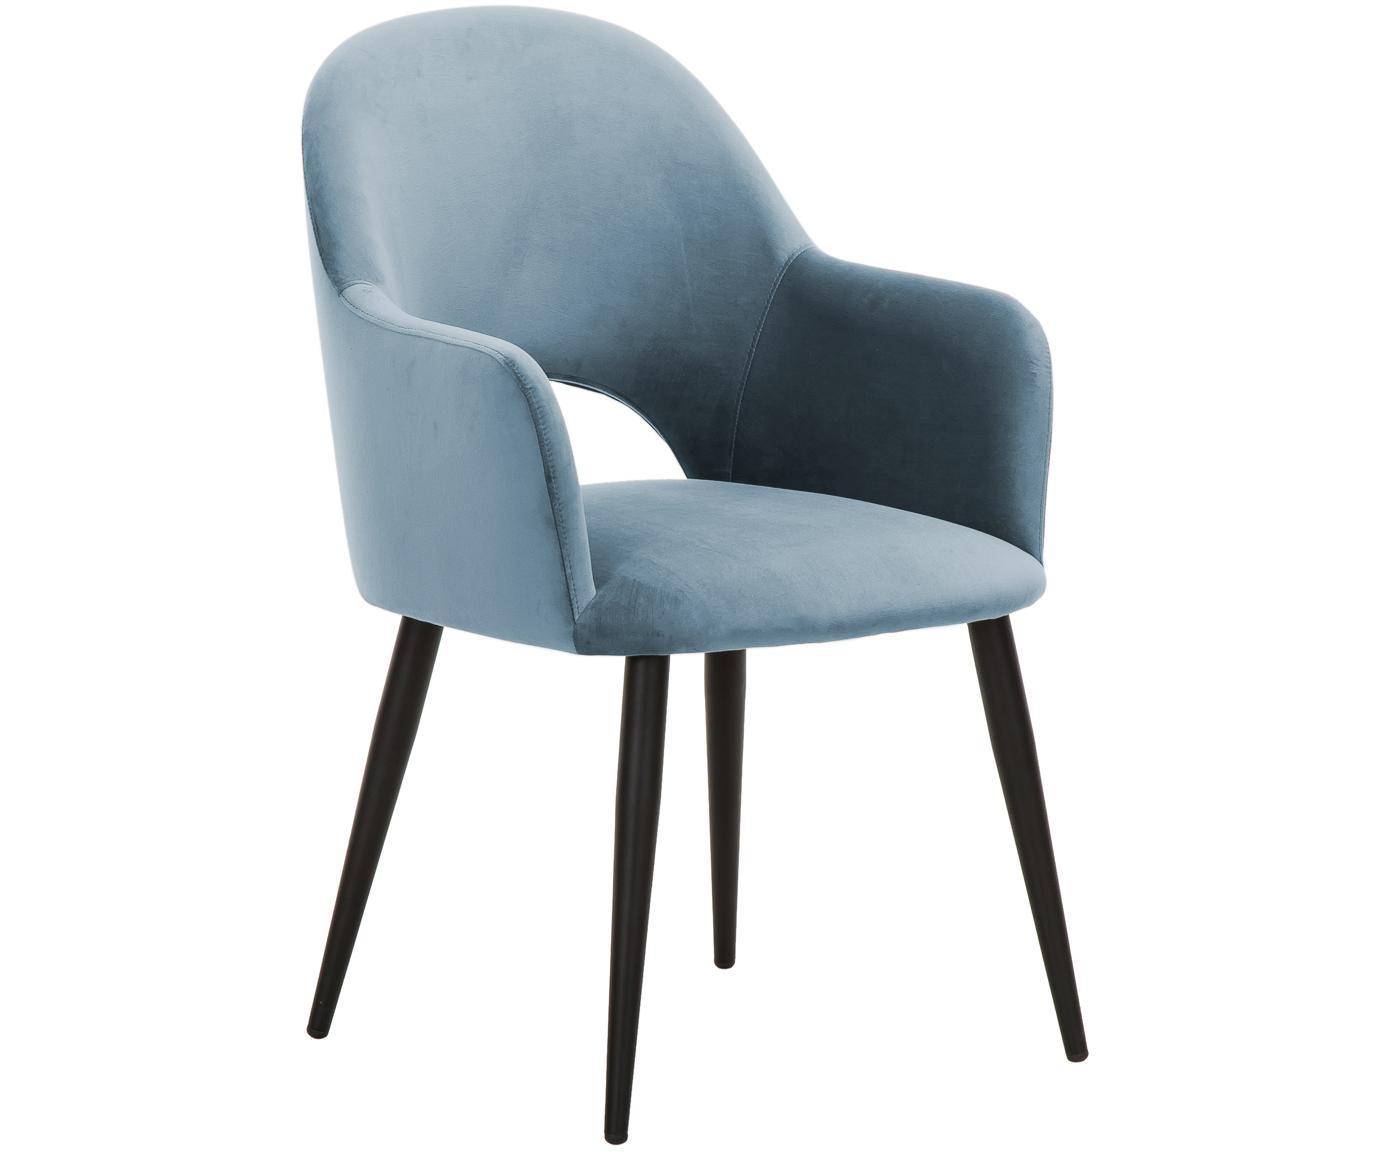 Krzesło z podłokietnikami z aksamitu Rachel, Tapicerka: aksamit (poliester) 5000, Nogi: metal malowany proszkowo, Aksamitny jasny niebieski, S 47 x G 64 cm